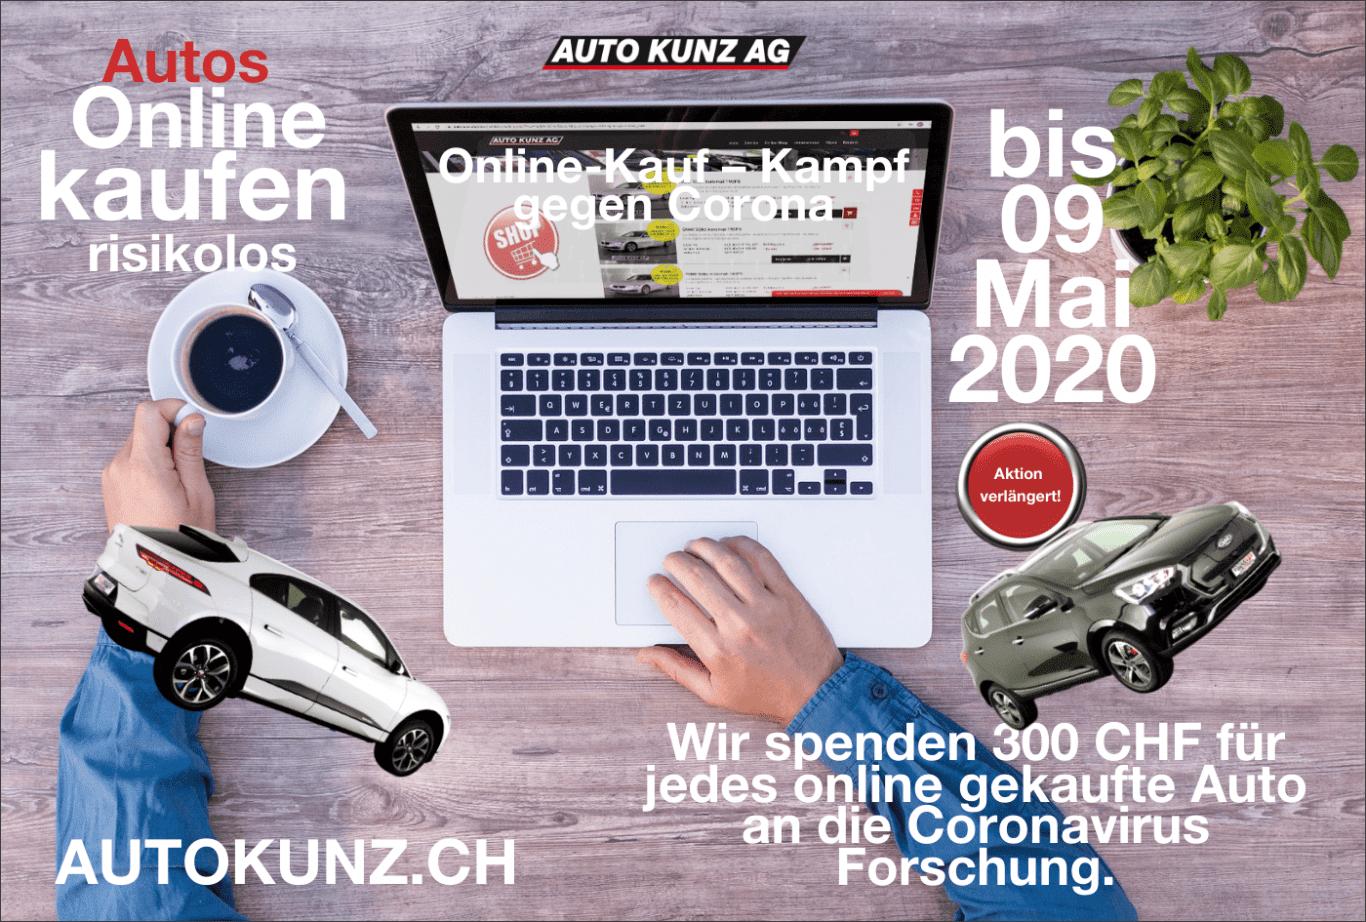 Online-Kauf-Kampf gegen Coronavirus - Auto Kunz AG 3